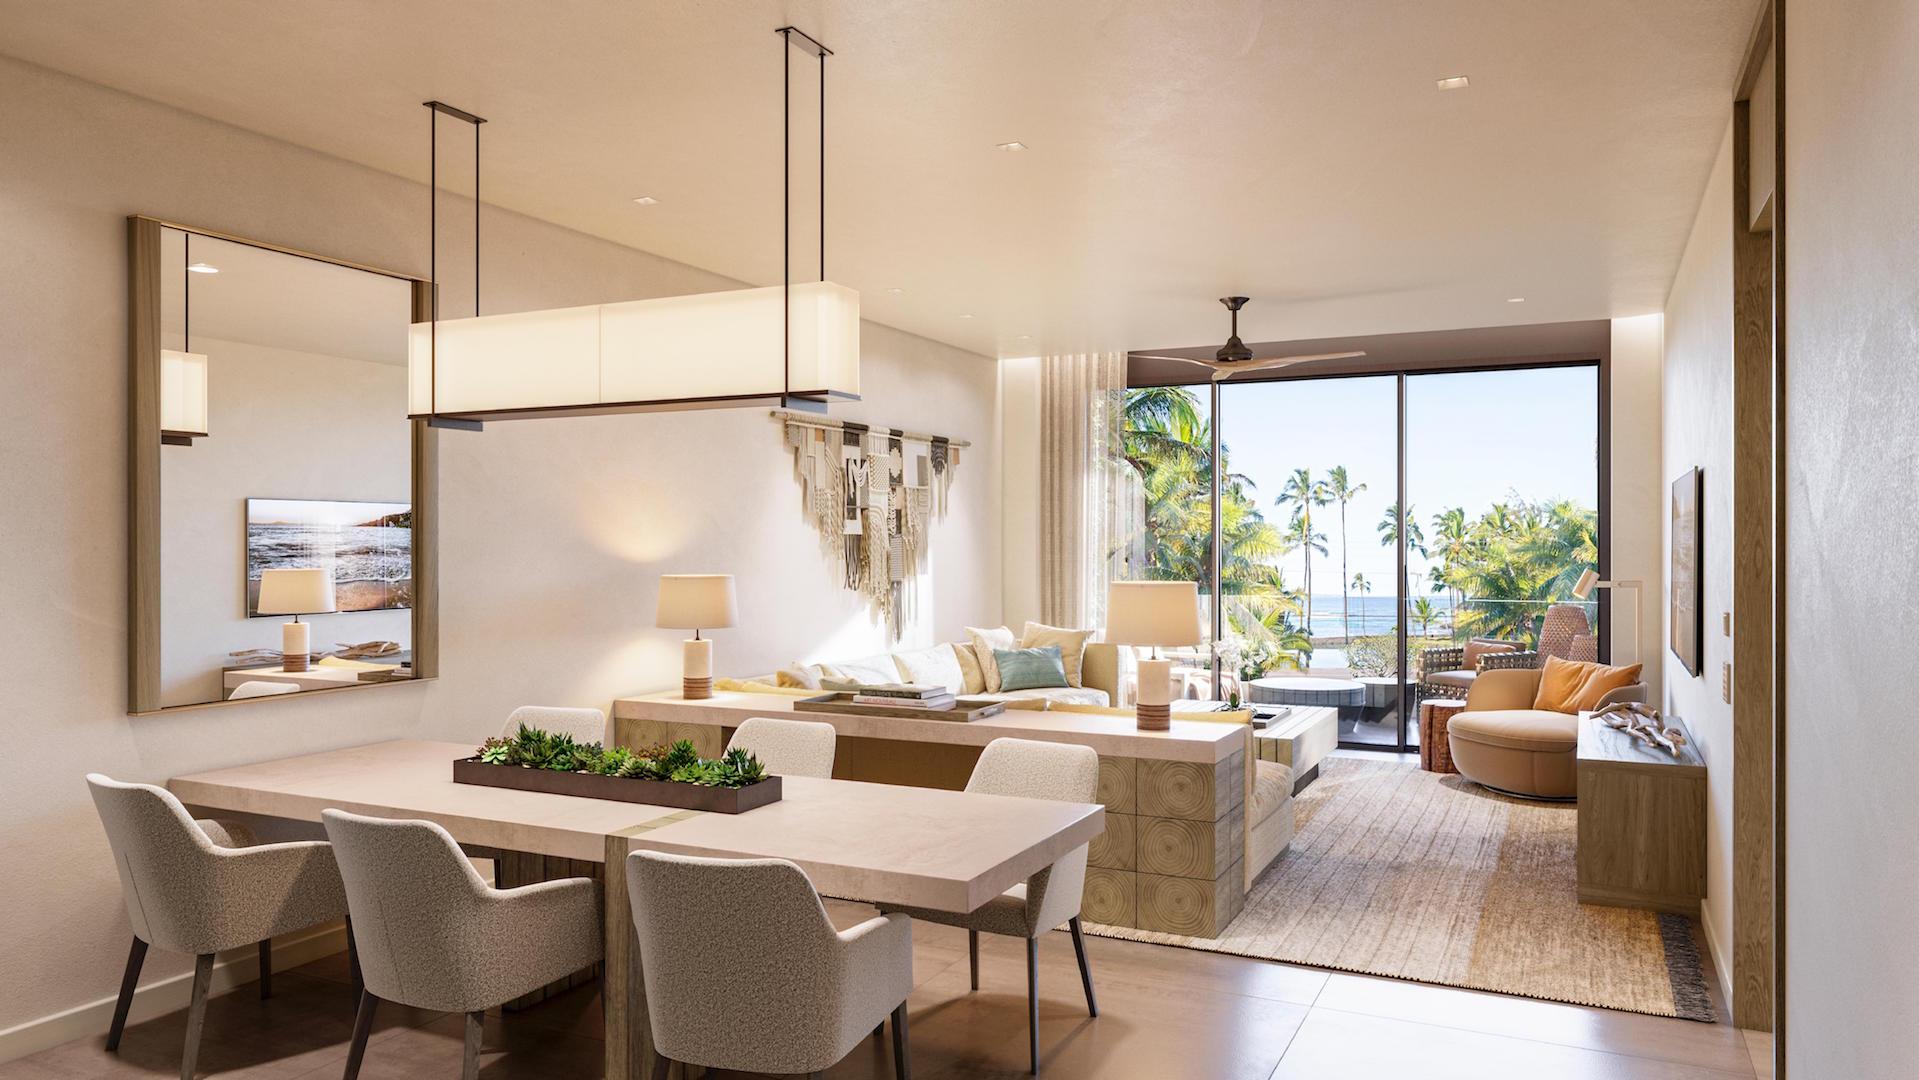 1-bedroom residence living room